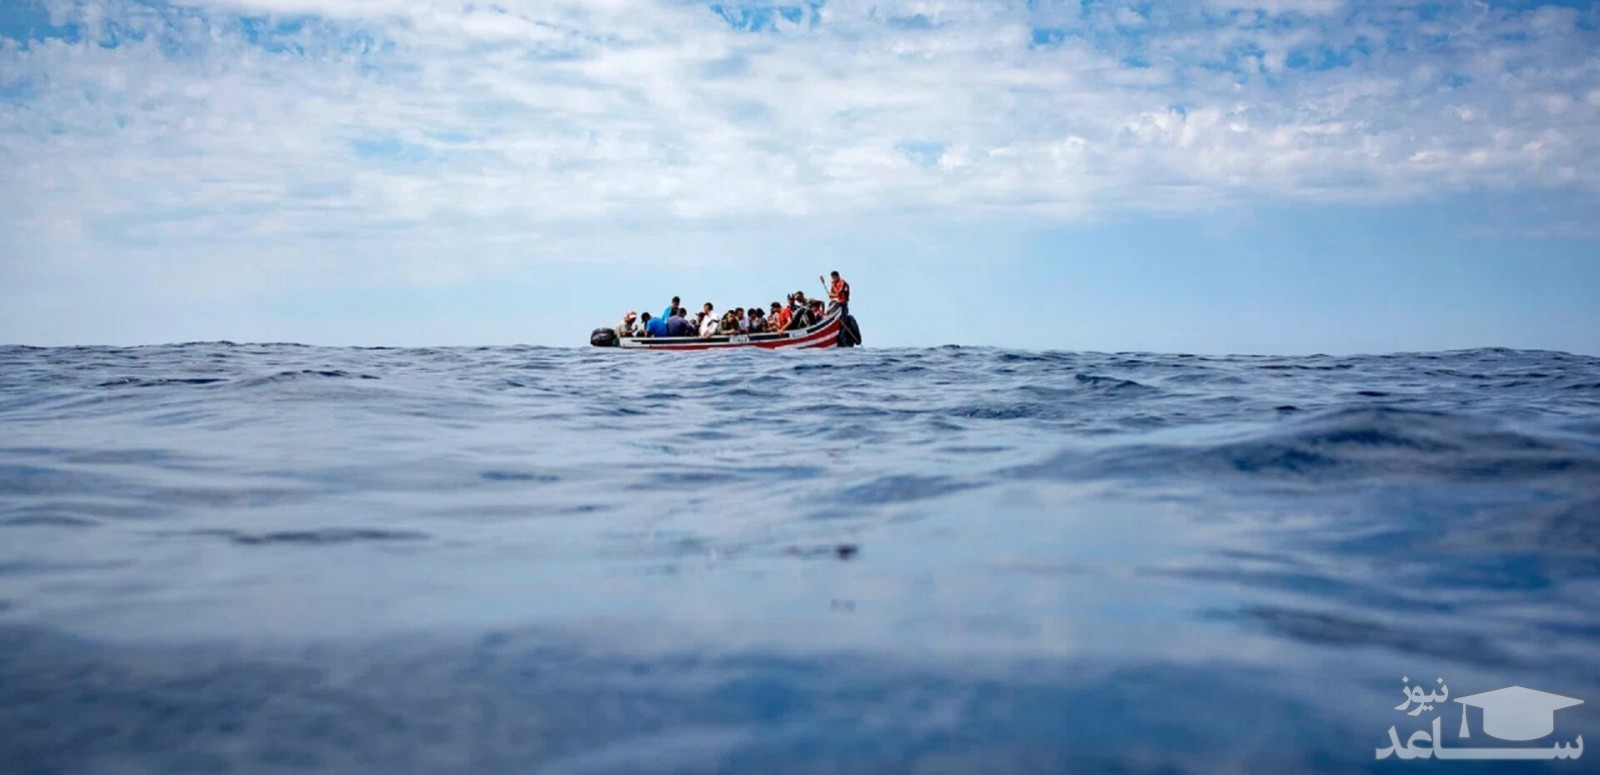 حادثه ای تراژیک: غرق شدن خانواده ایرانی در کانال مانش